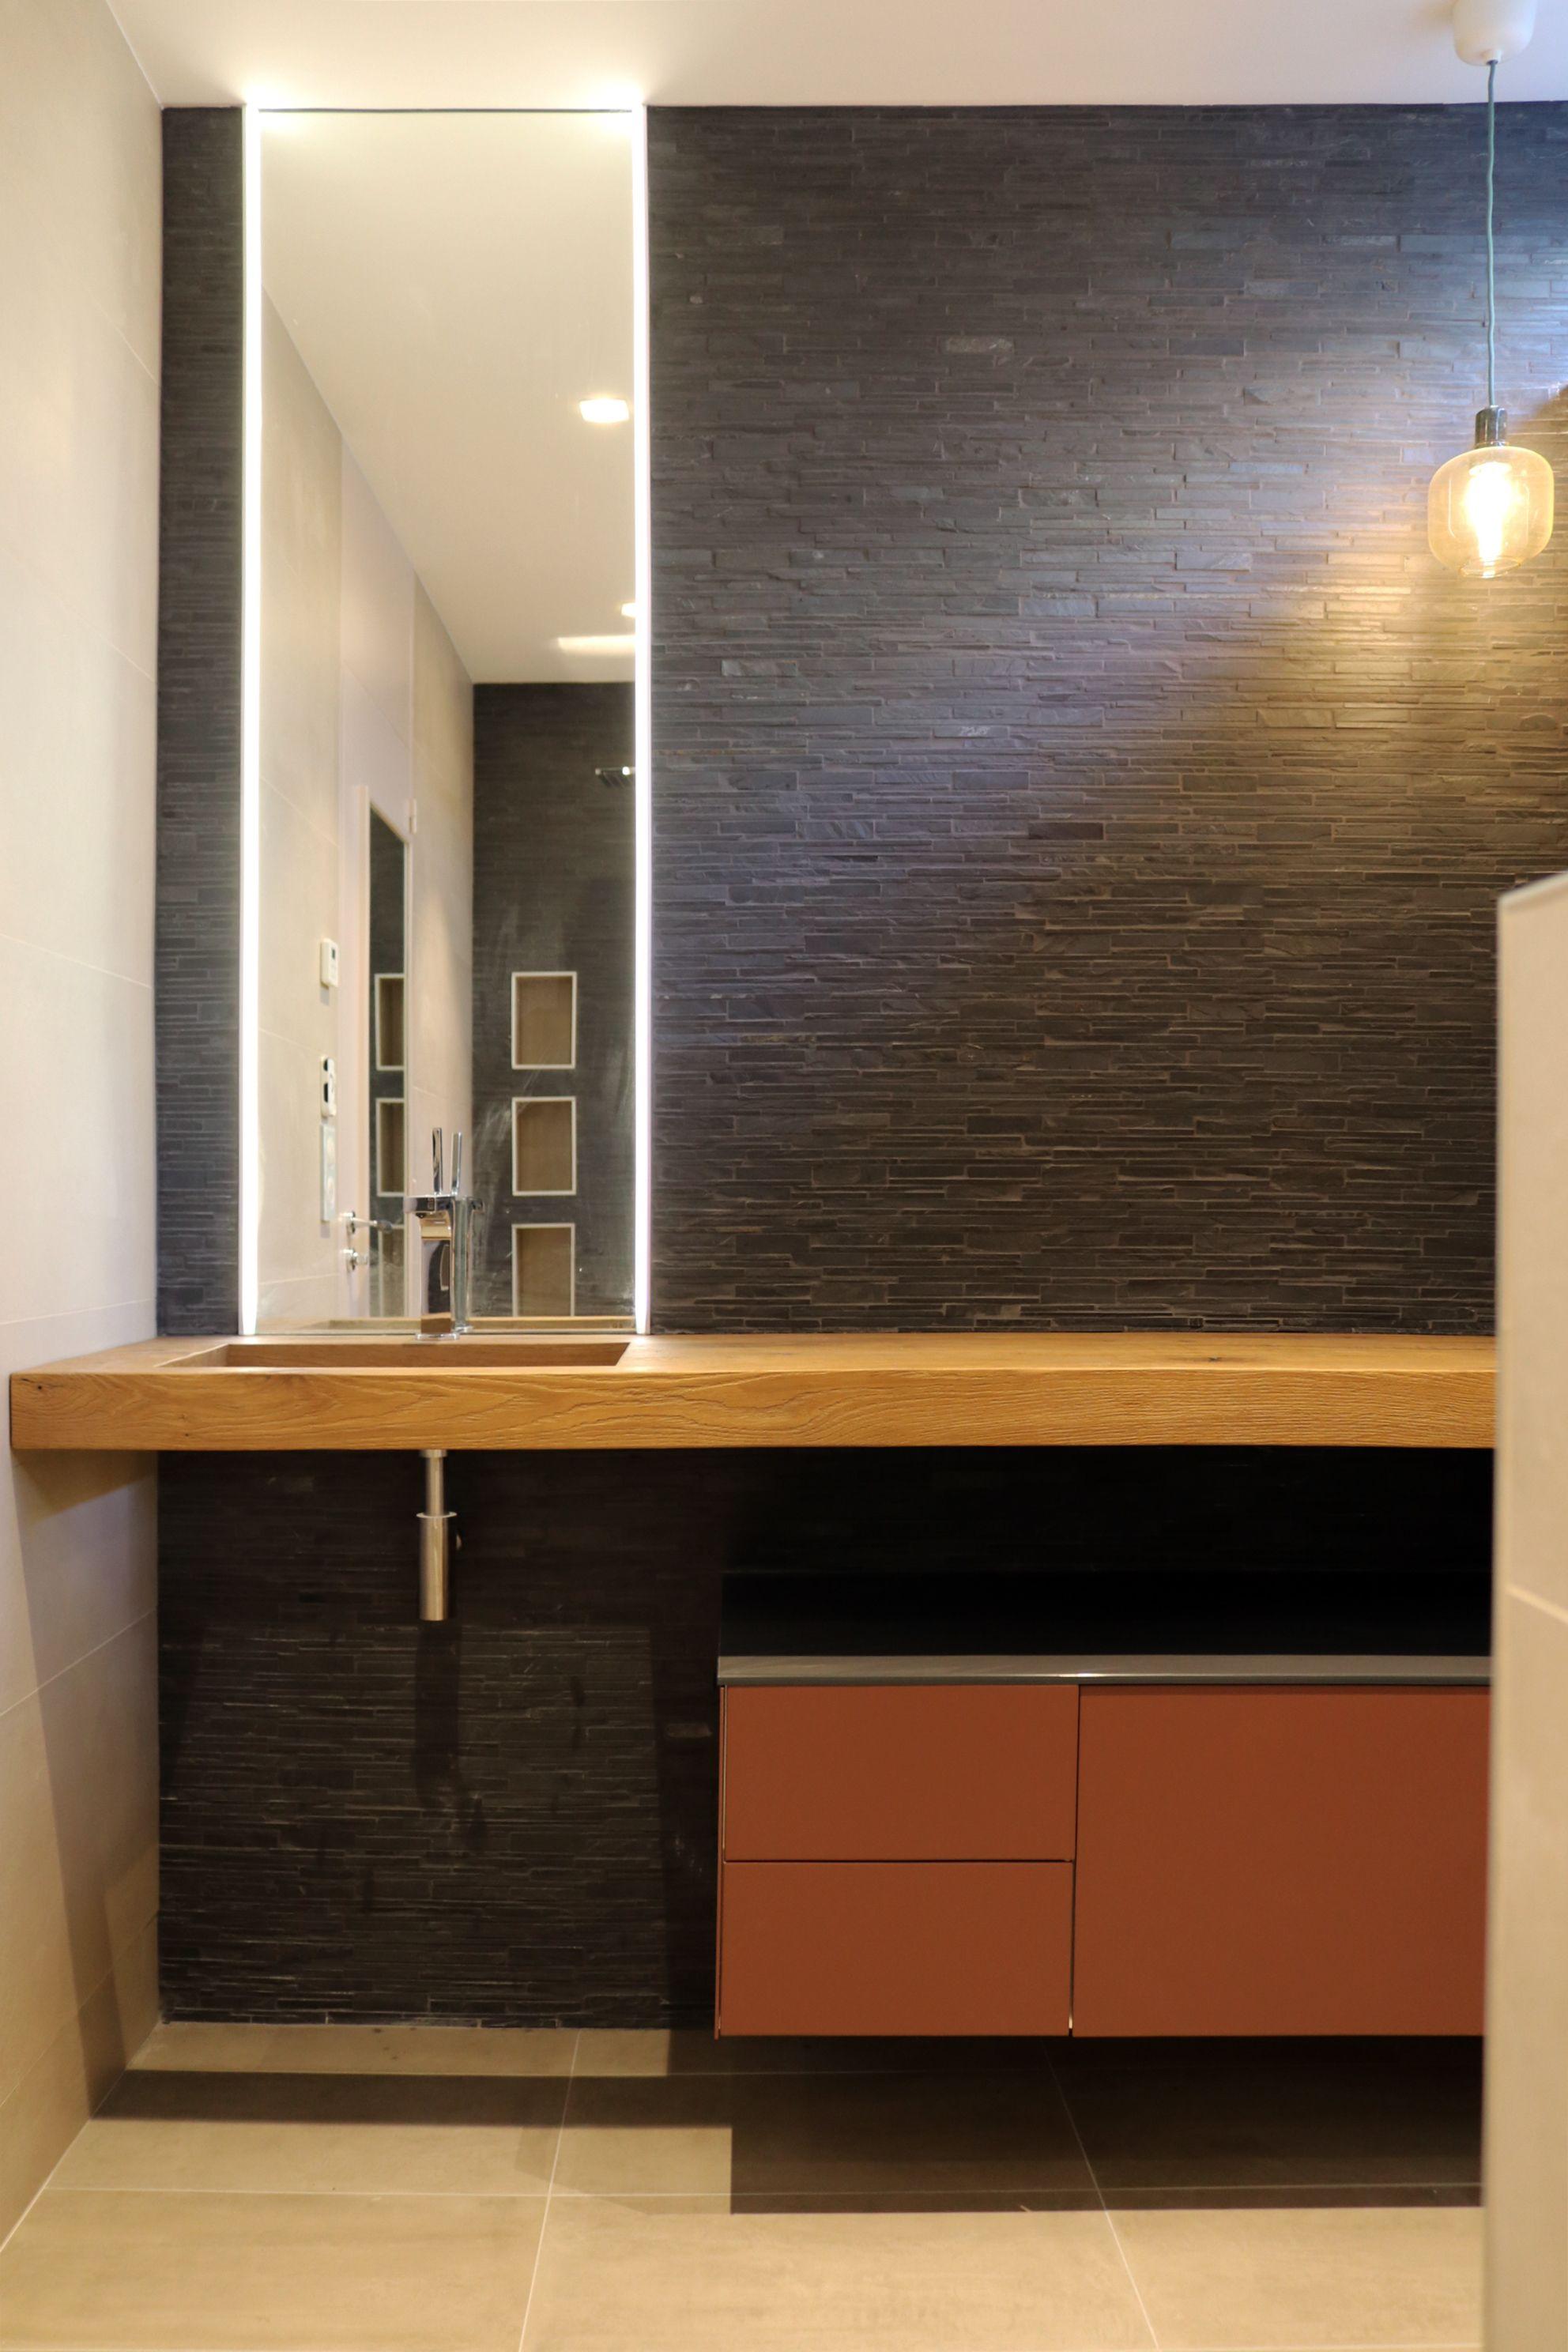 Ossibus Architecture D Interieur Renovation D Une Maison A Merignac Salle D Eau Interieur Home Design Inspiration Interior Maison Architecture Et Architecte Interieur